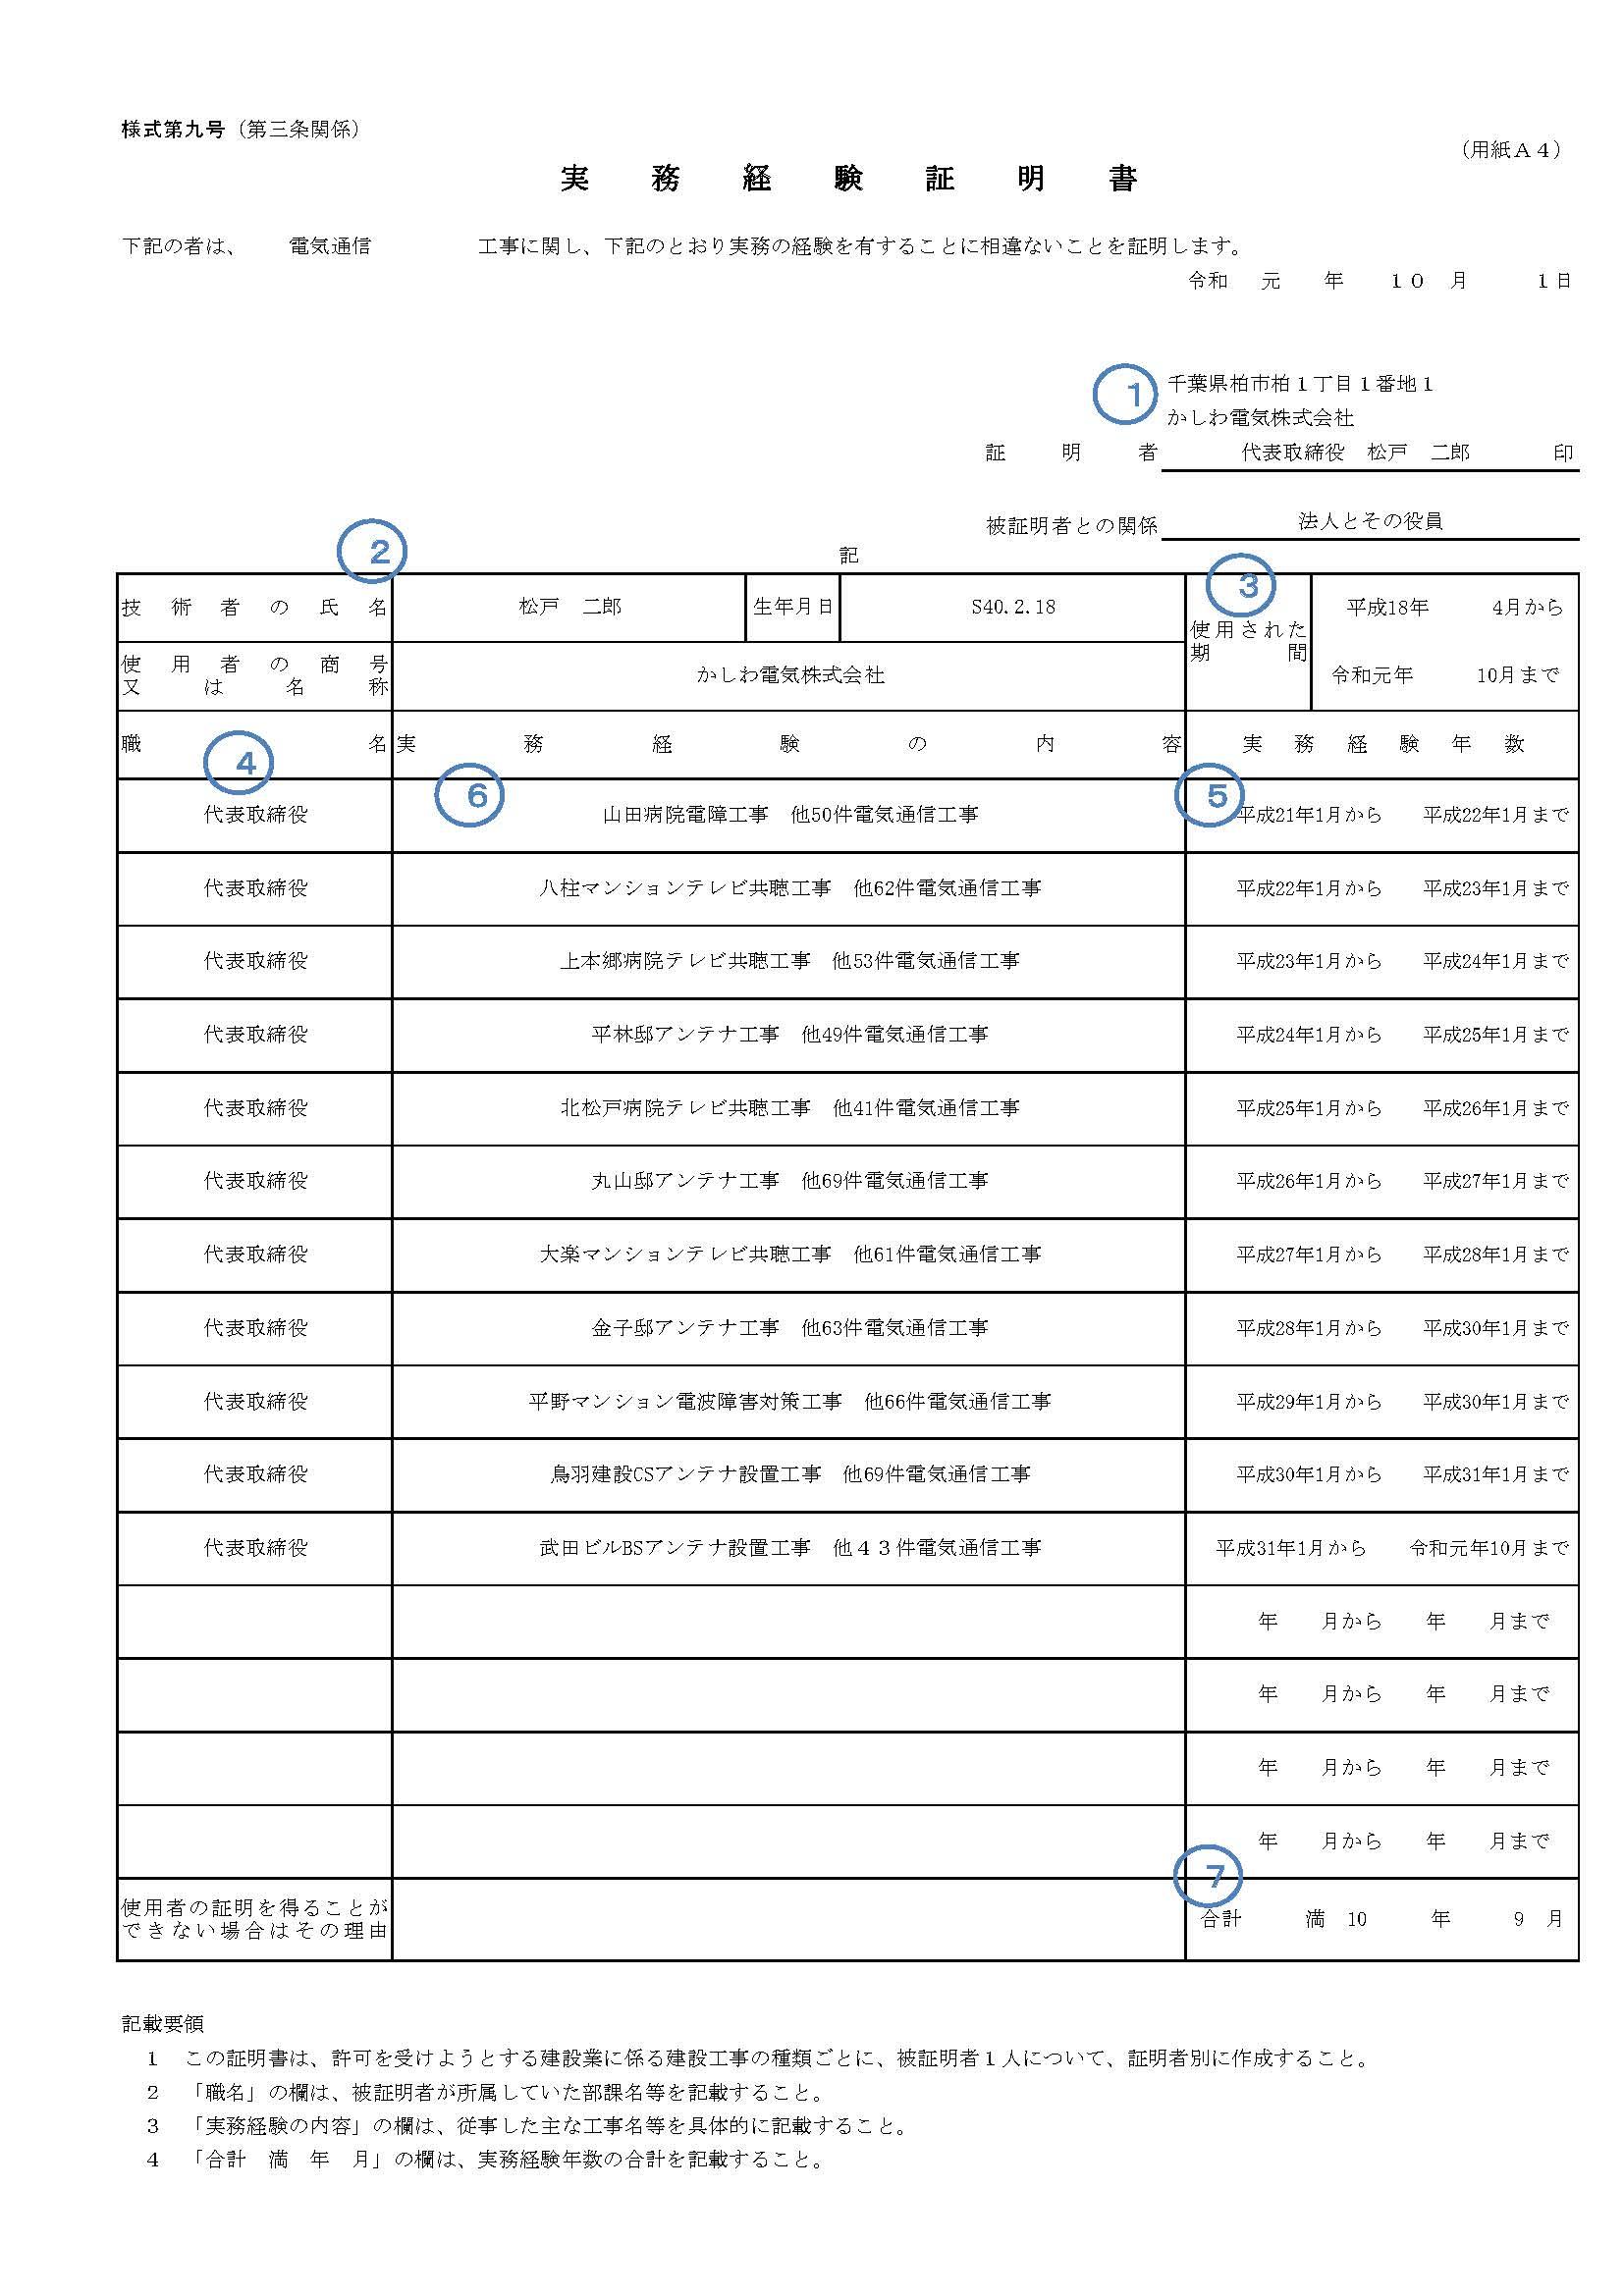 【建設業許可を自分で申請】実務経験証明書(様式第九号)